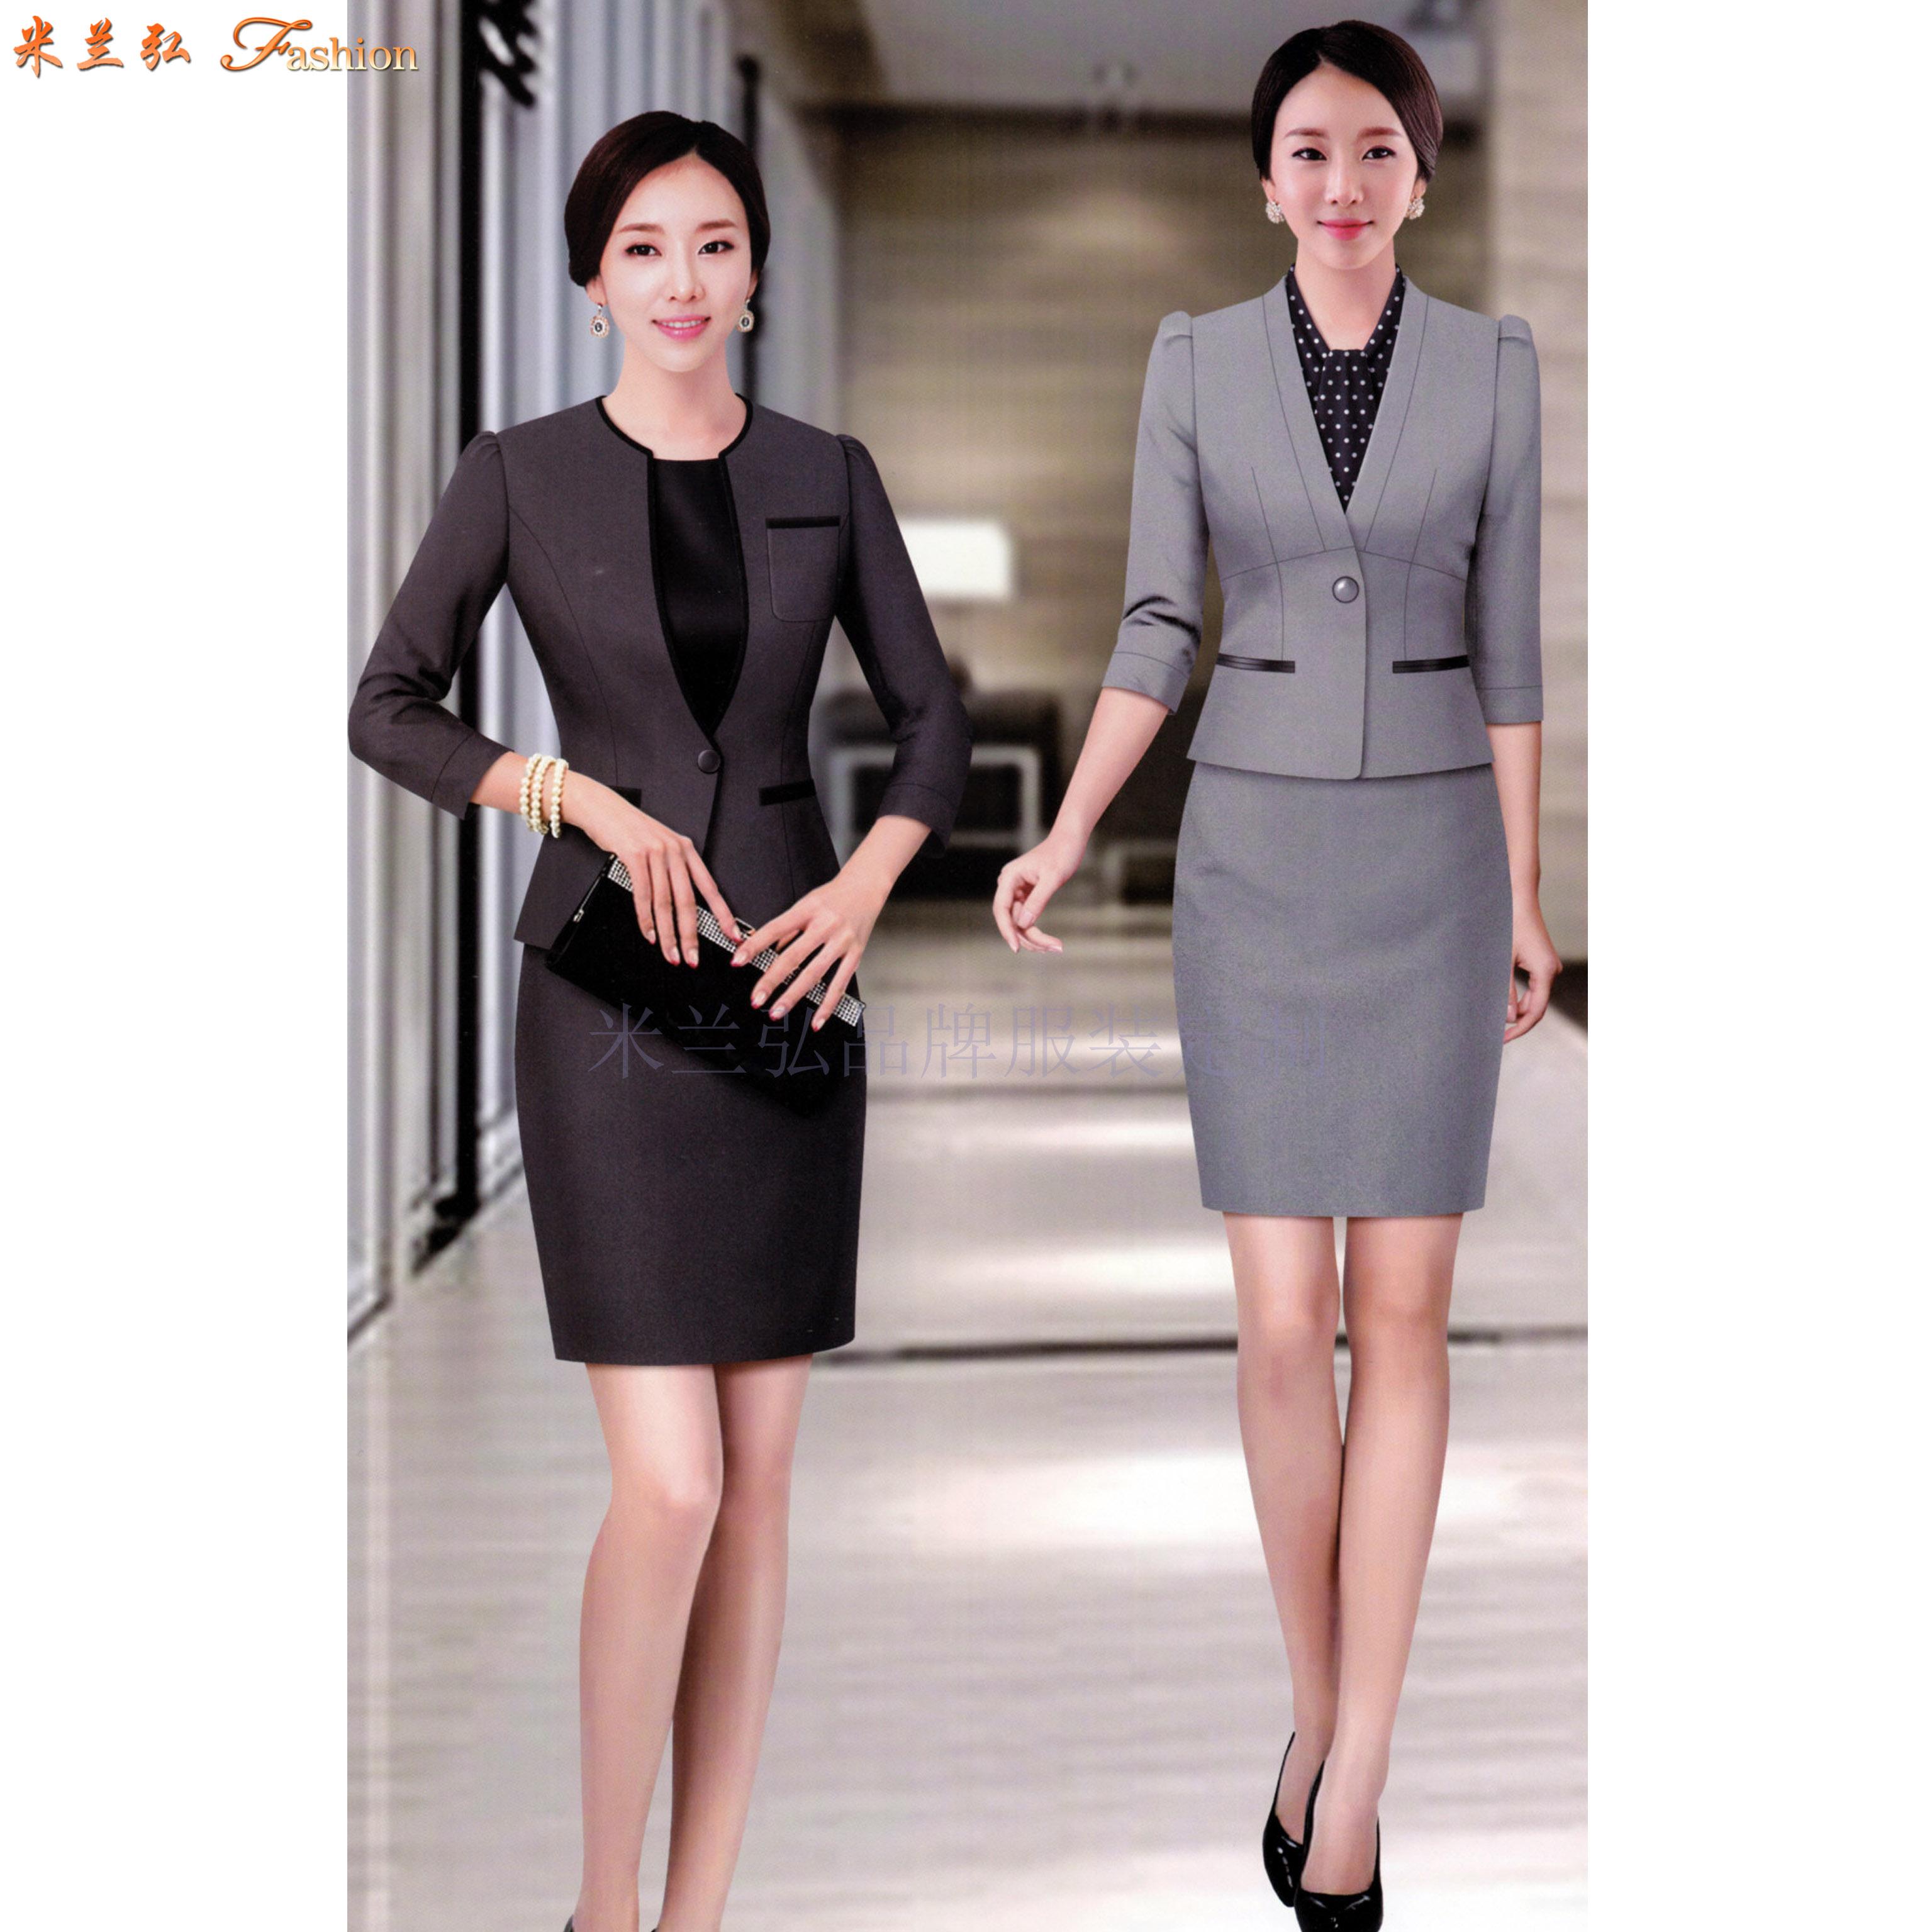 北京西服定制工廠-廠家直銷西服-米蘭弘服裝-5